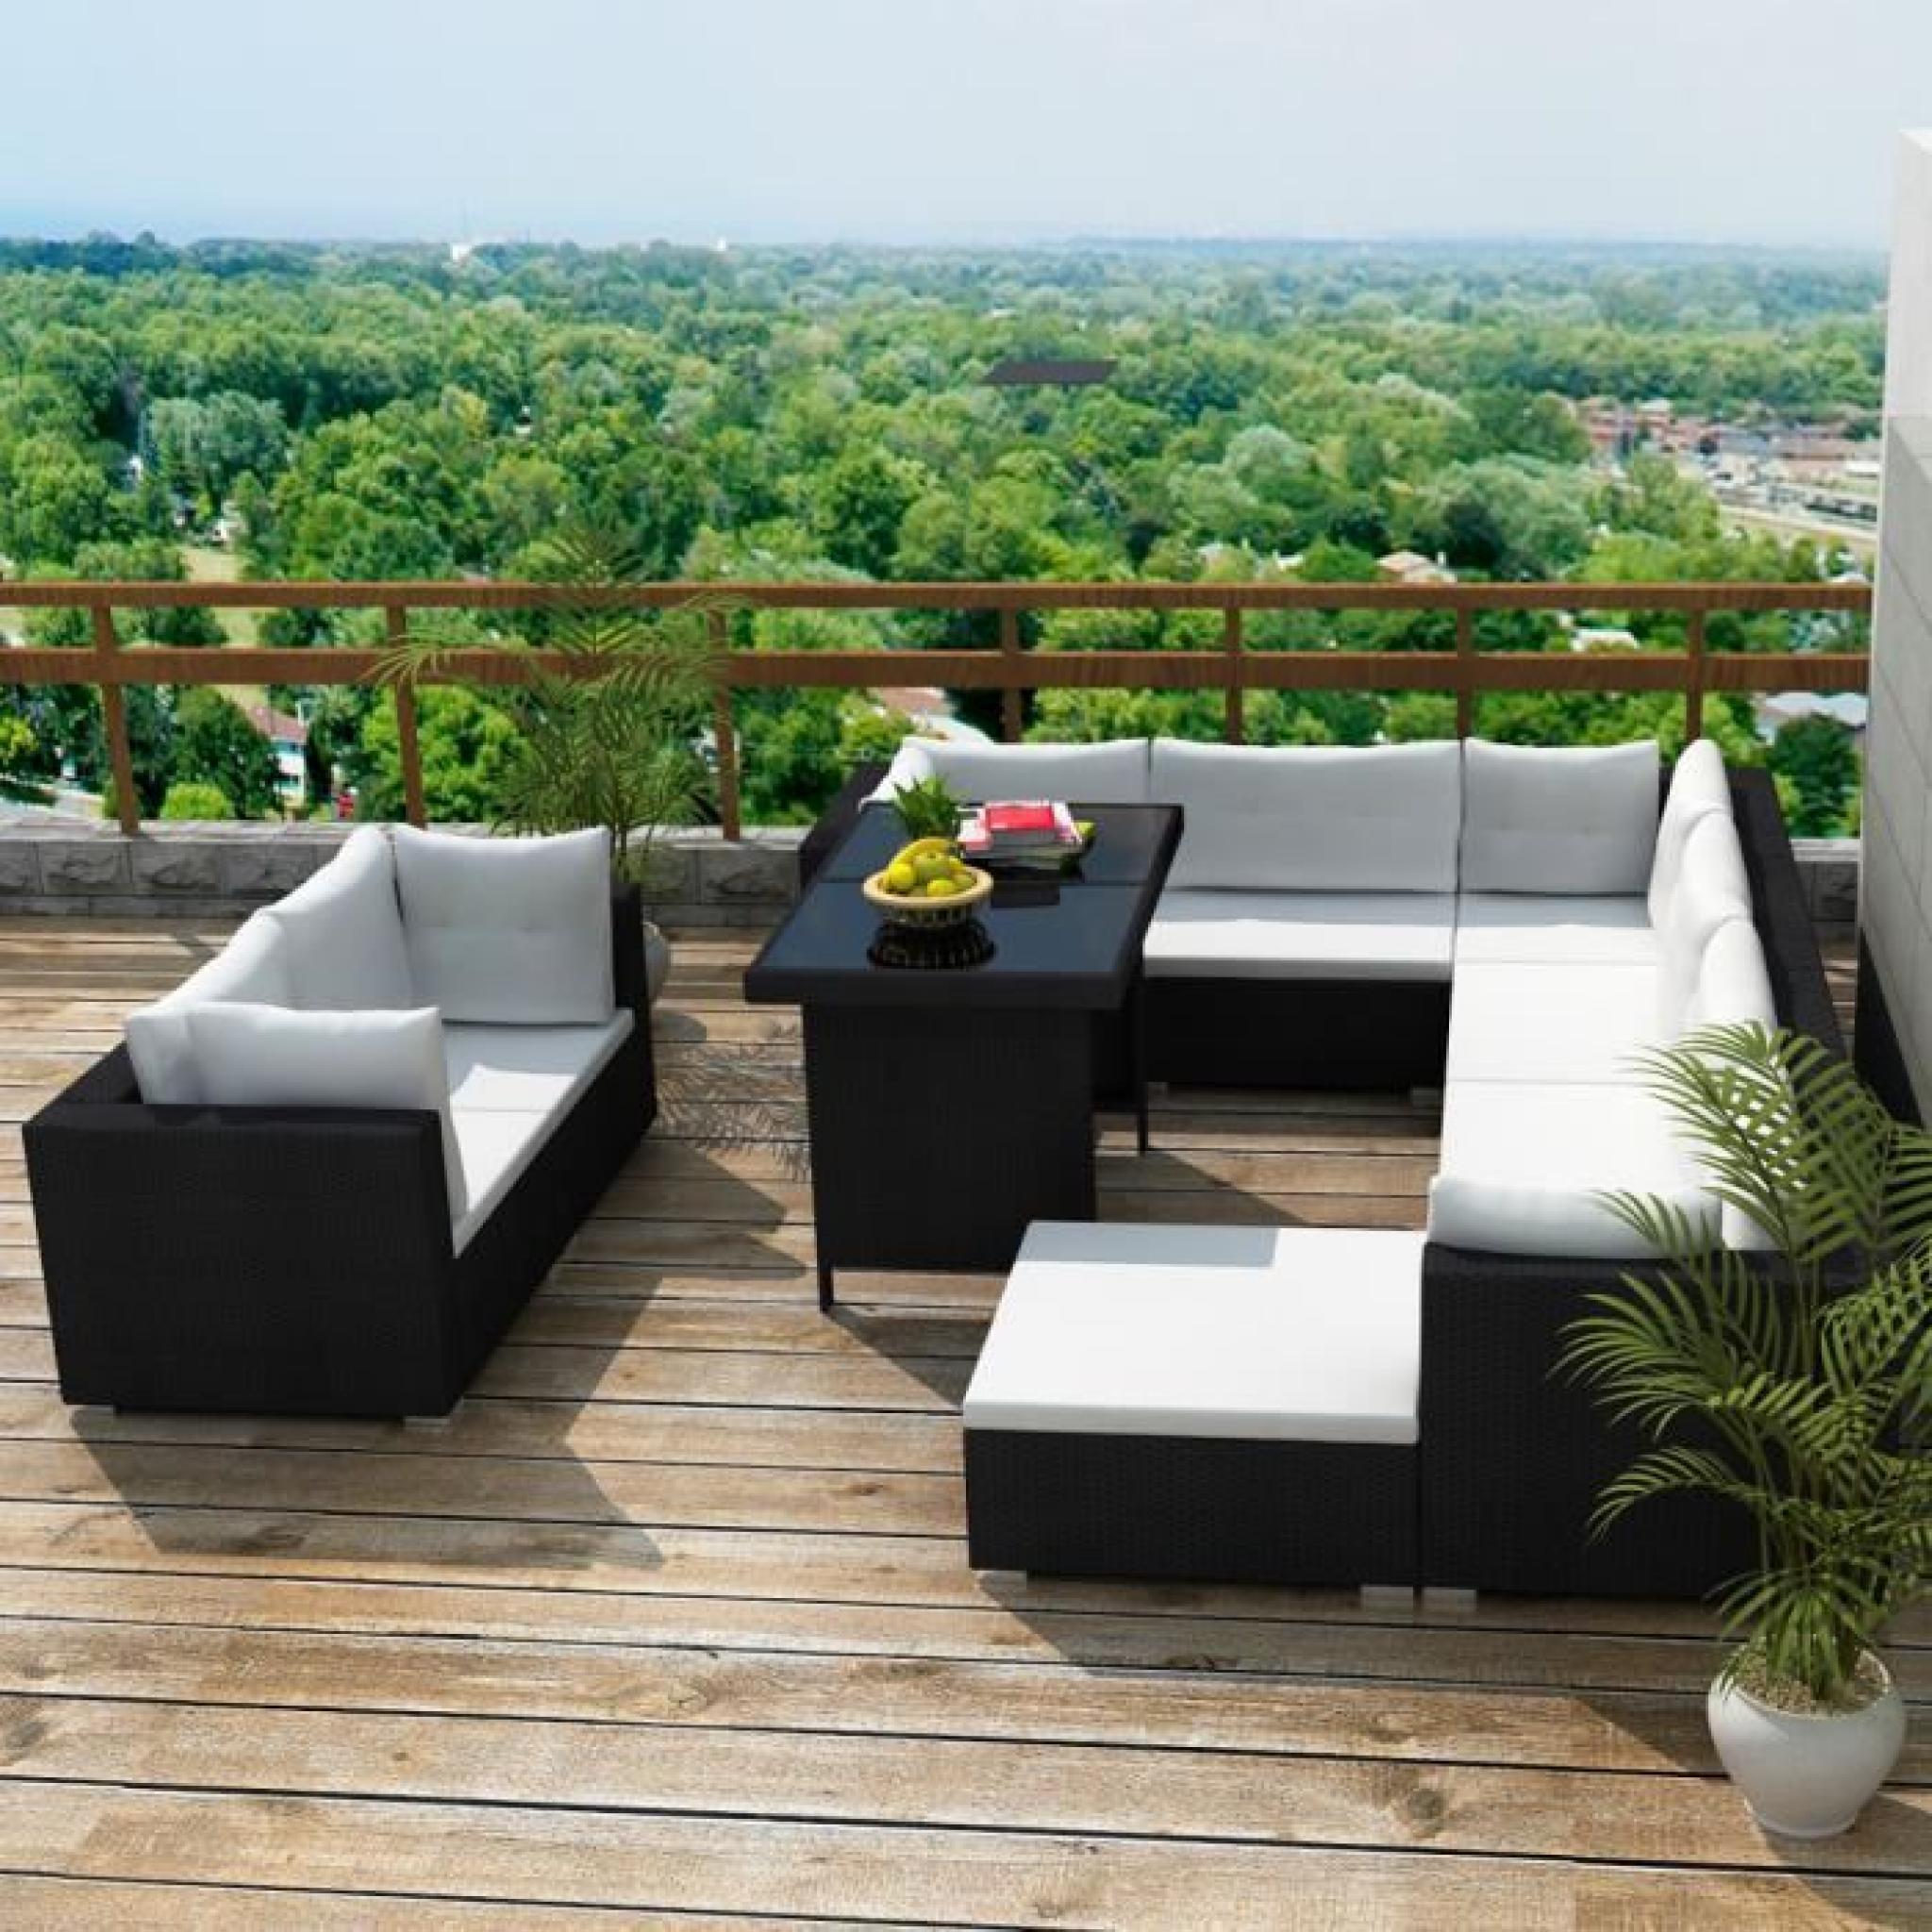 Ensemble 28pcs Salon en rotin et canapé/table/coussin/siège/pouf pour  jardin/patio meubles extérieur Noir